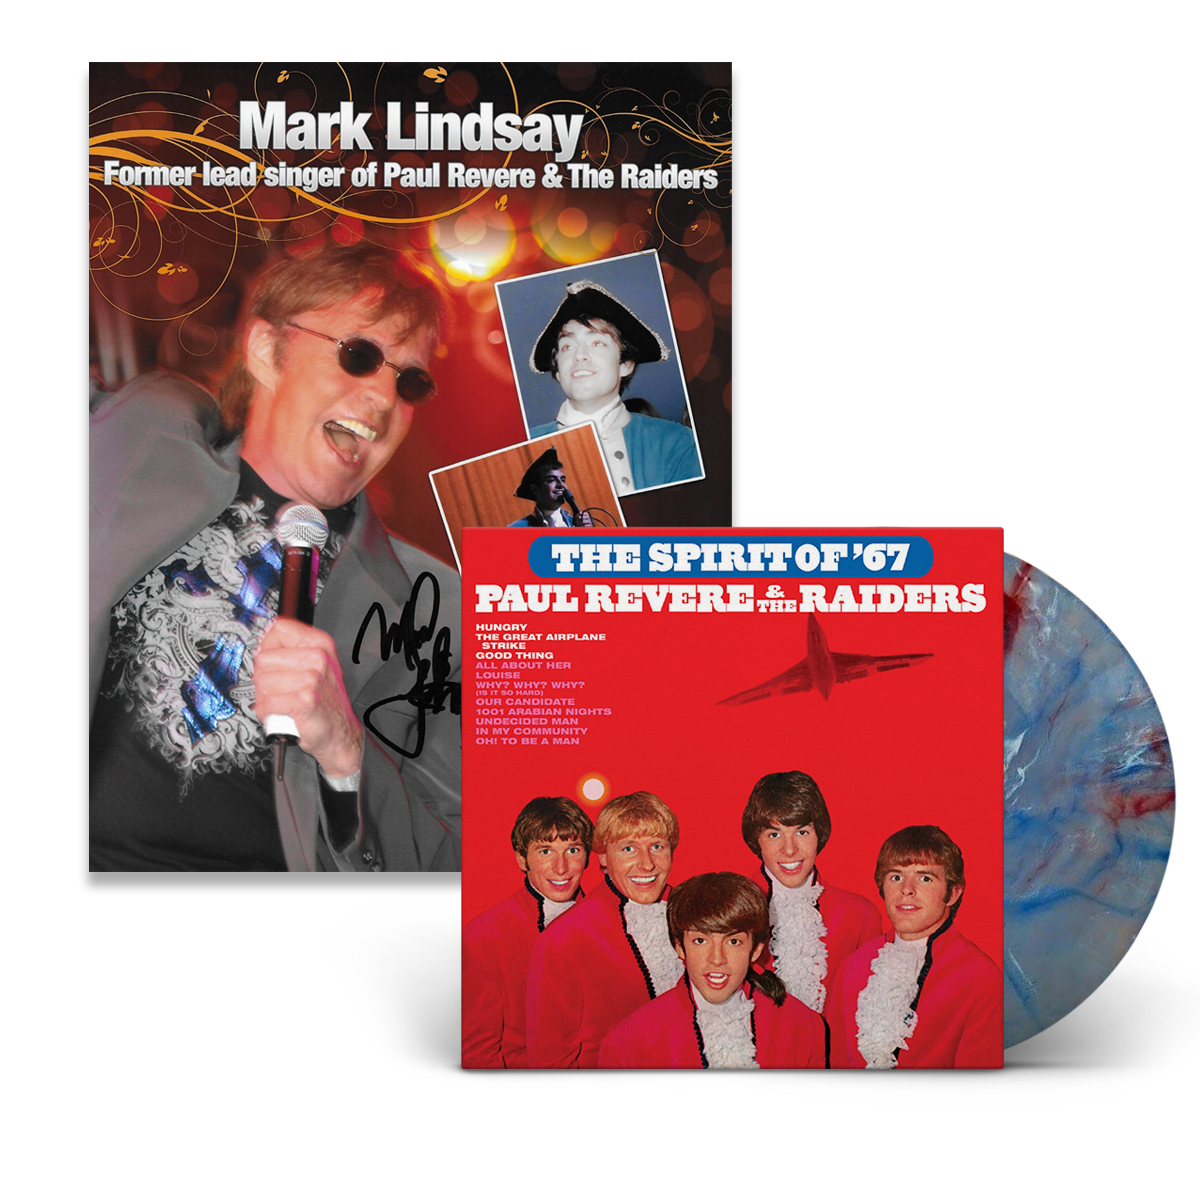 Paul Revere & The Raiders featuring Mark Lindsay - The Spirit of '67 (180 Gram Red White & Blue Swirl Audiophile Vinyl/Ltd. Edition/Gatefold Cover)